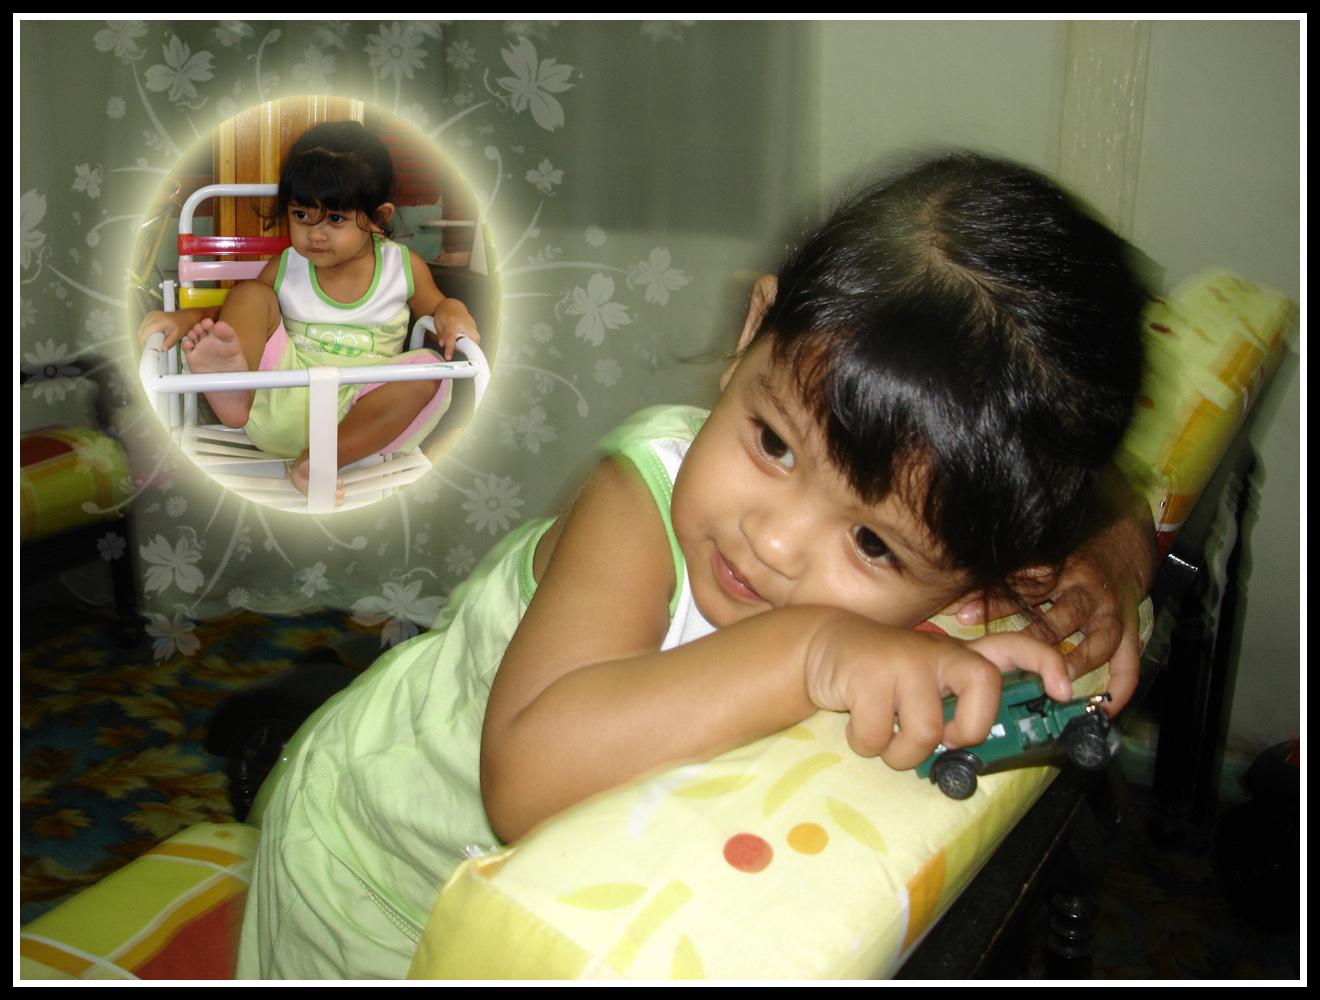 sweet cute little girl